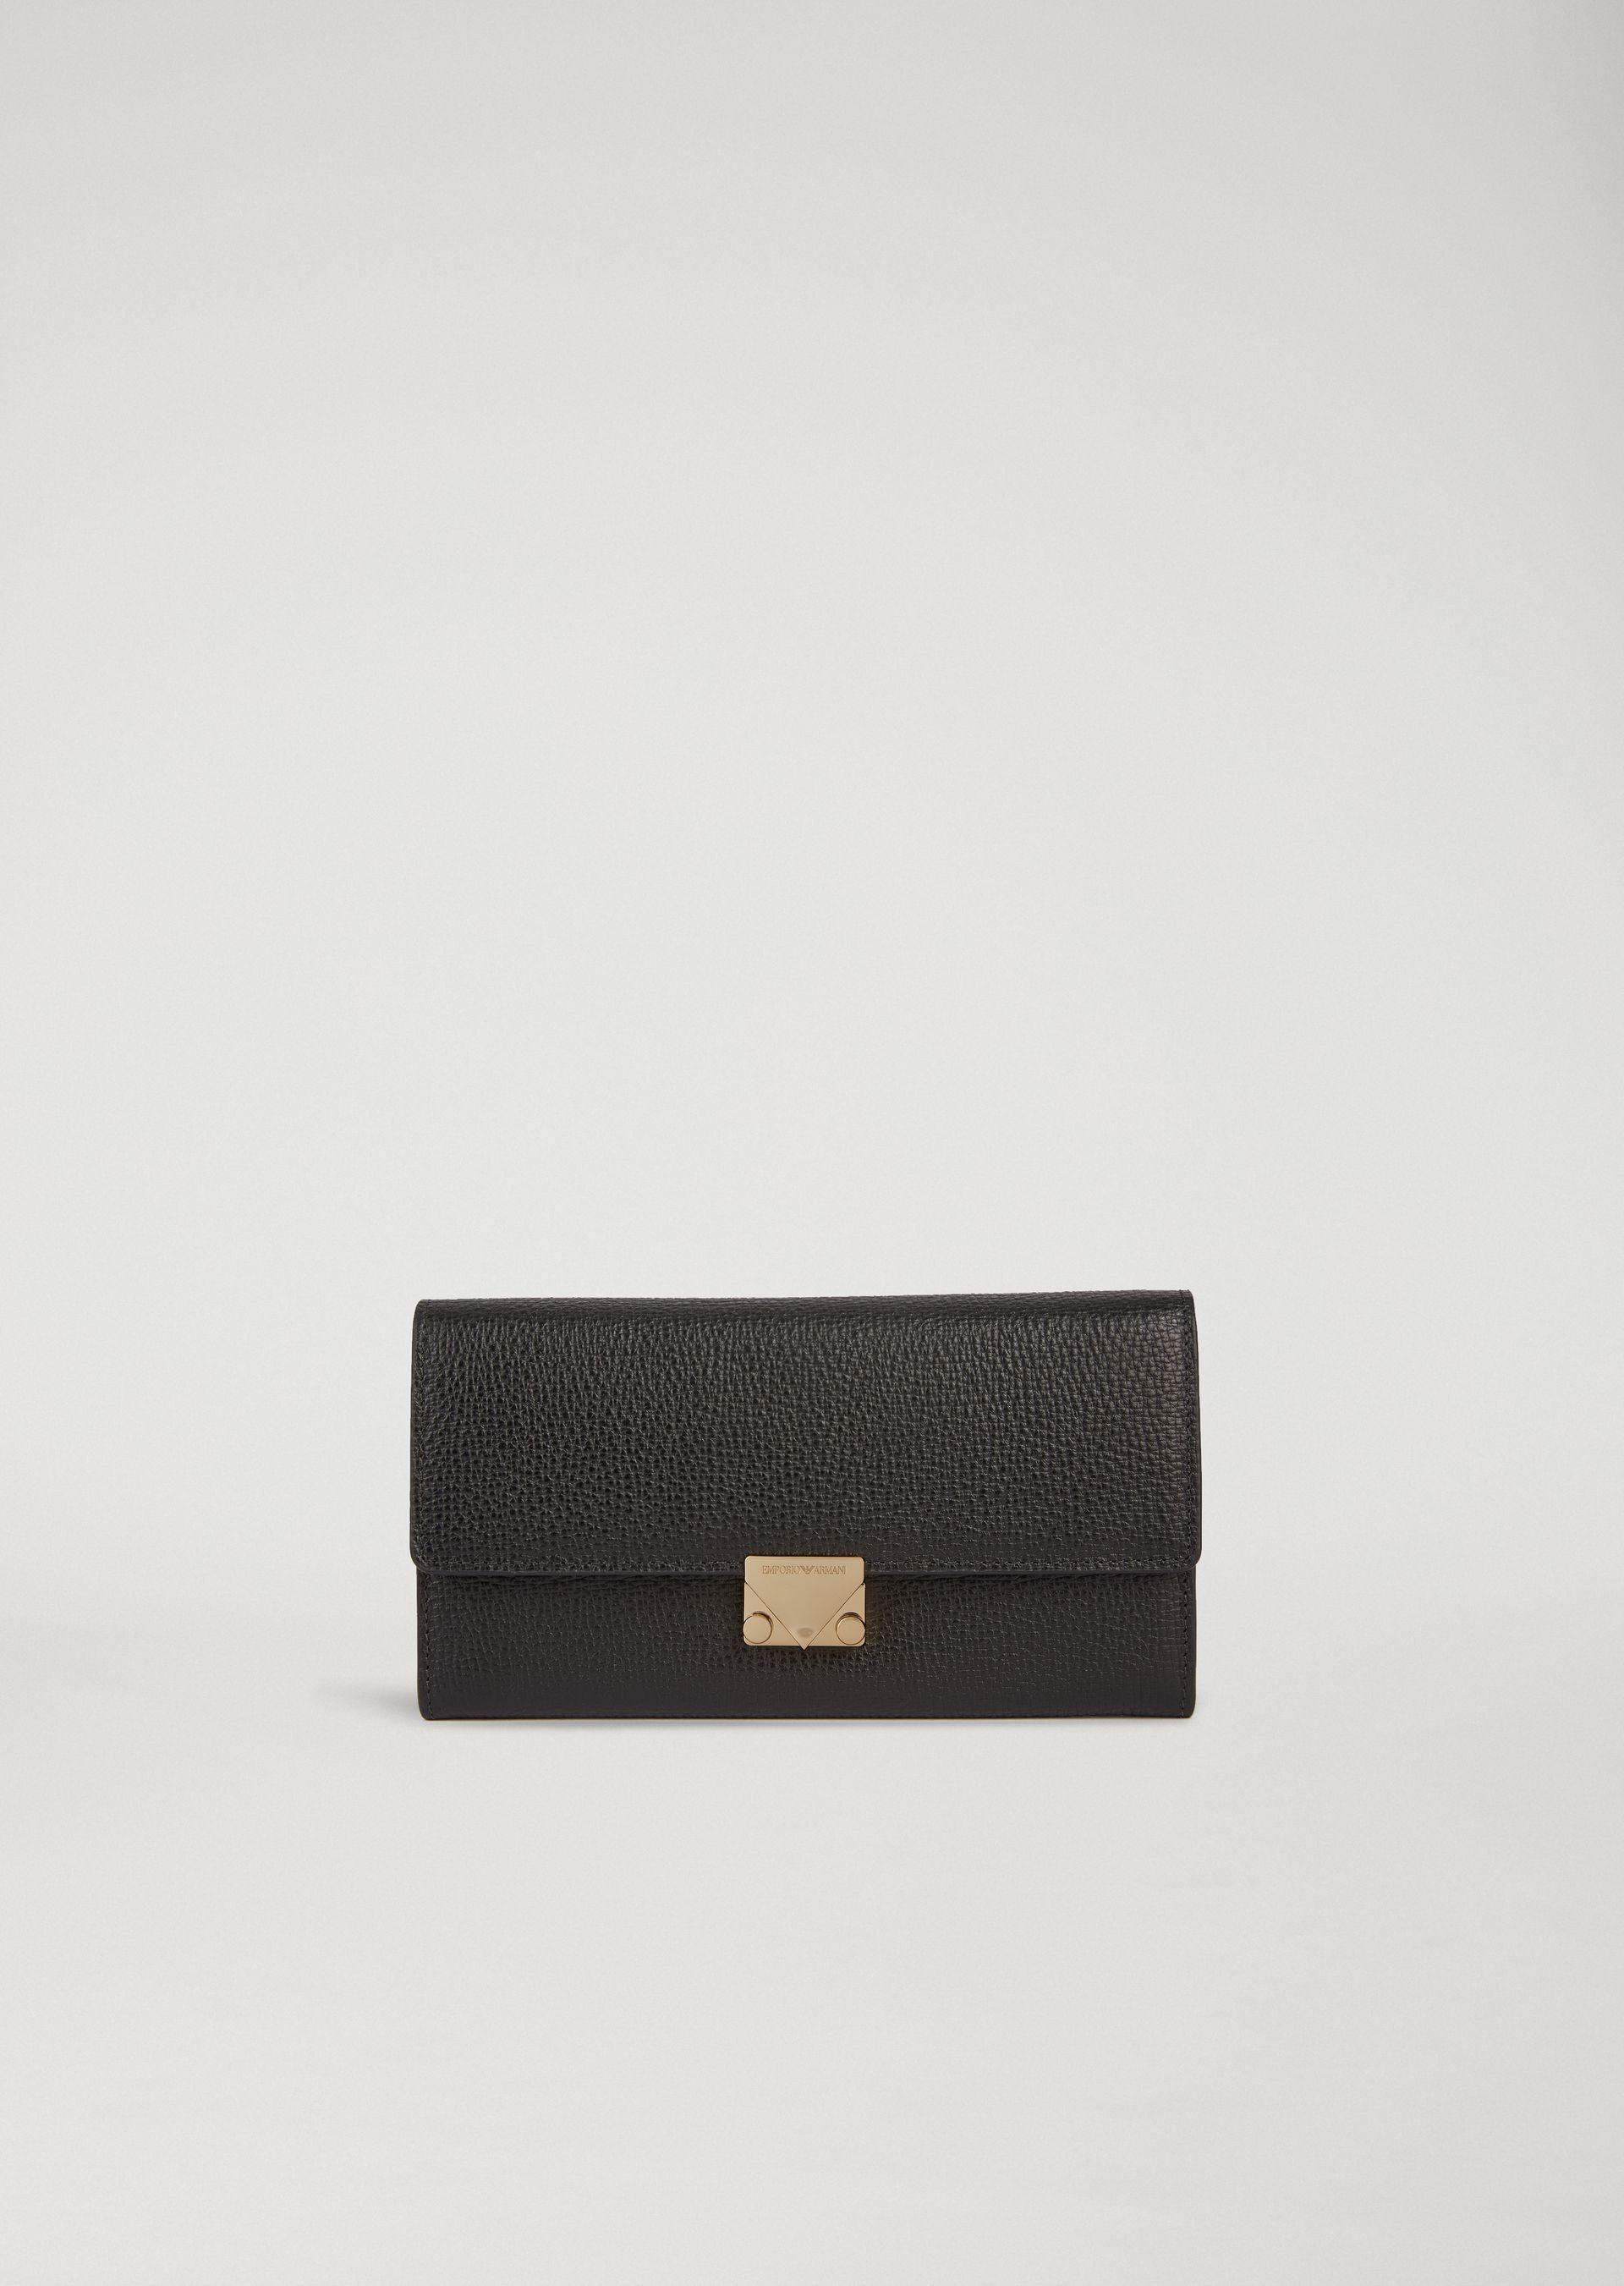 Emporio Armani Wallets - Item 46569360 In Black